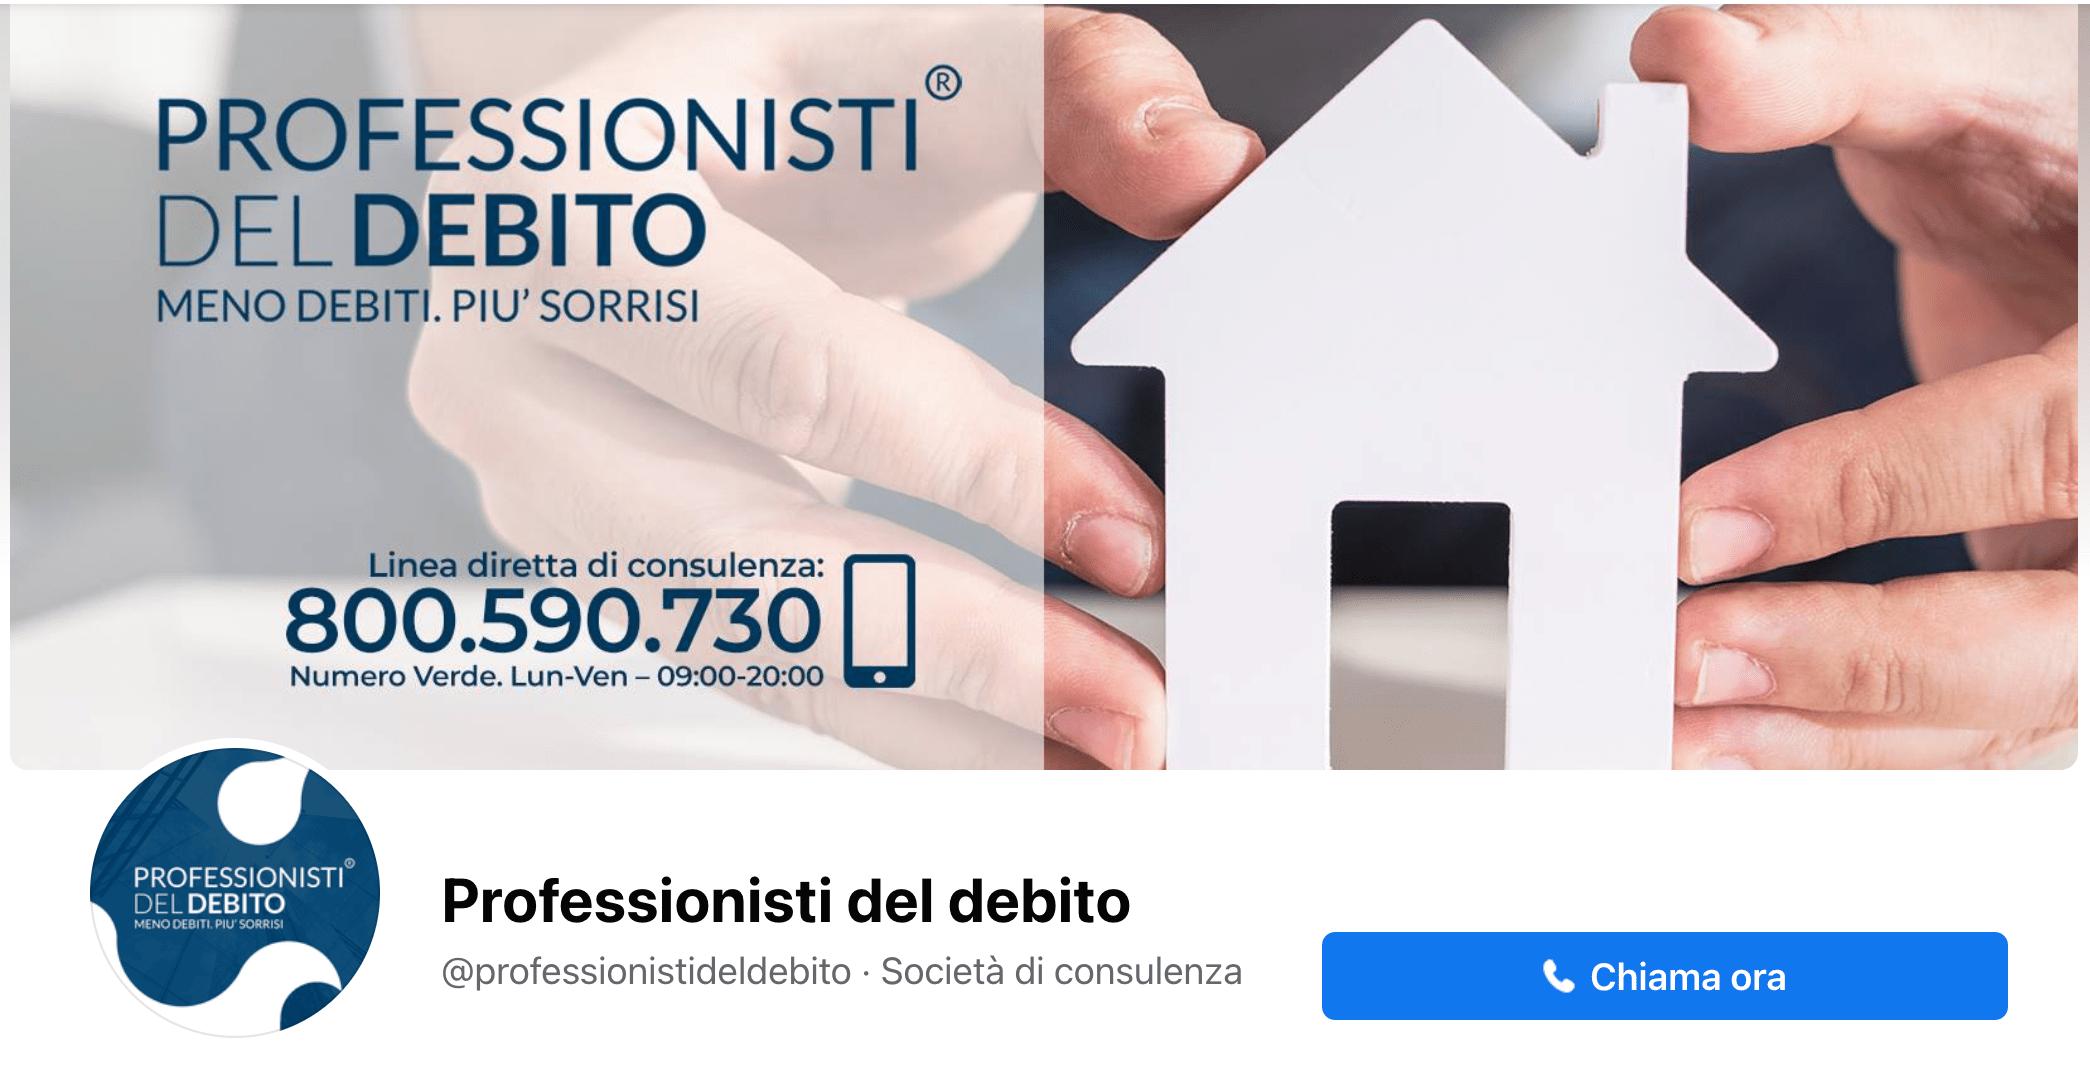 copertina-pagina-facebook-professionisti-del-debito-by-bquadro